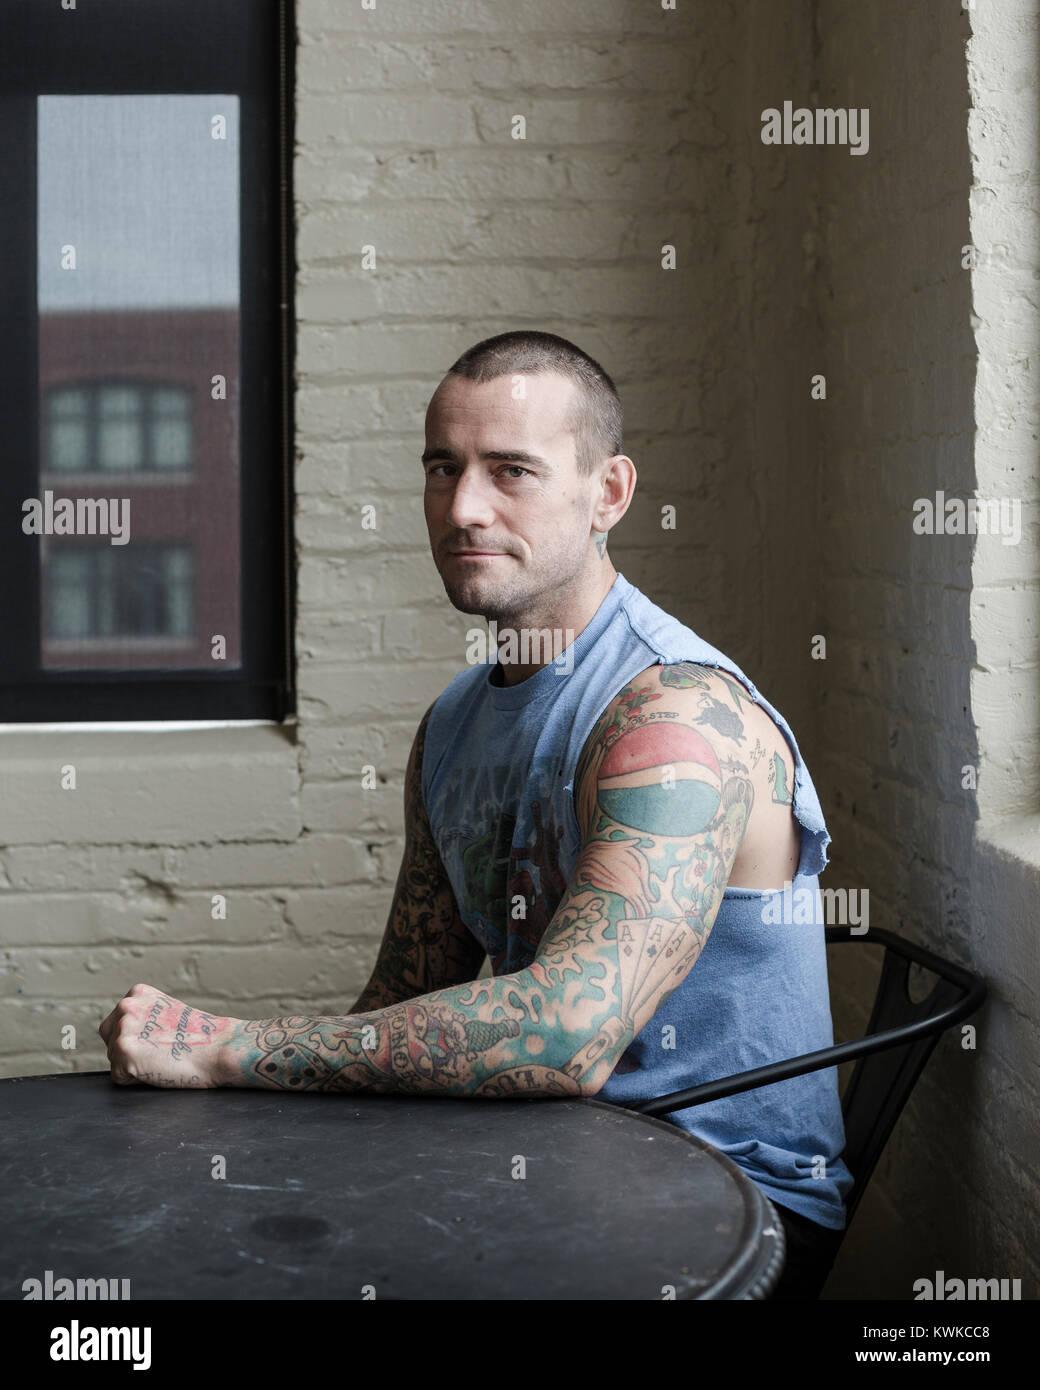 Un ritratto di CM Punk, ex lottatore di wrestling WWE, fotografata nel suo appartamento. Immagini Stock